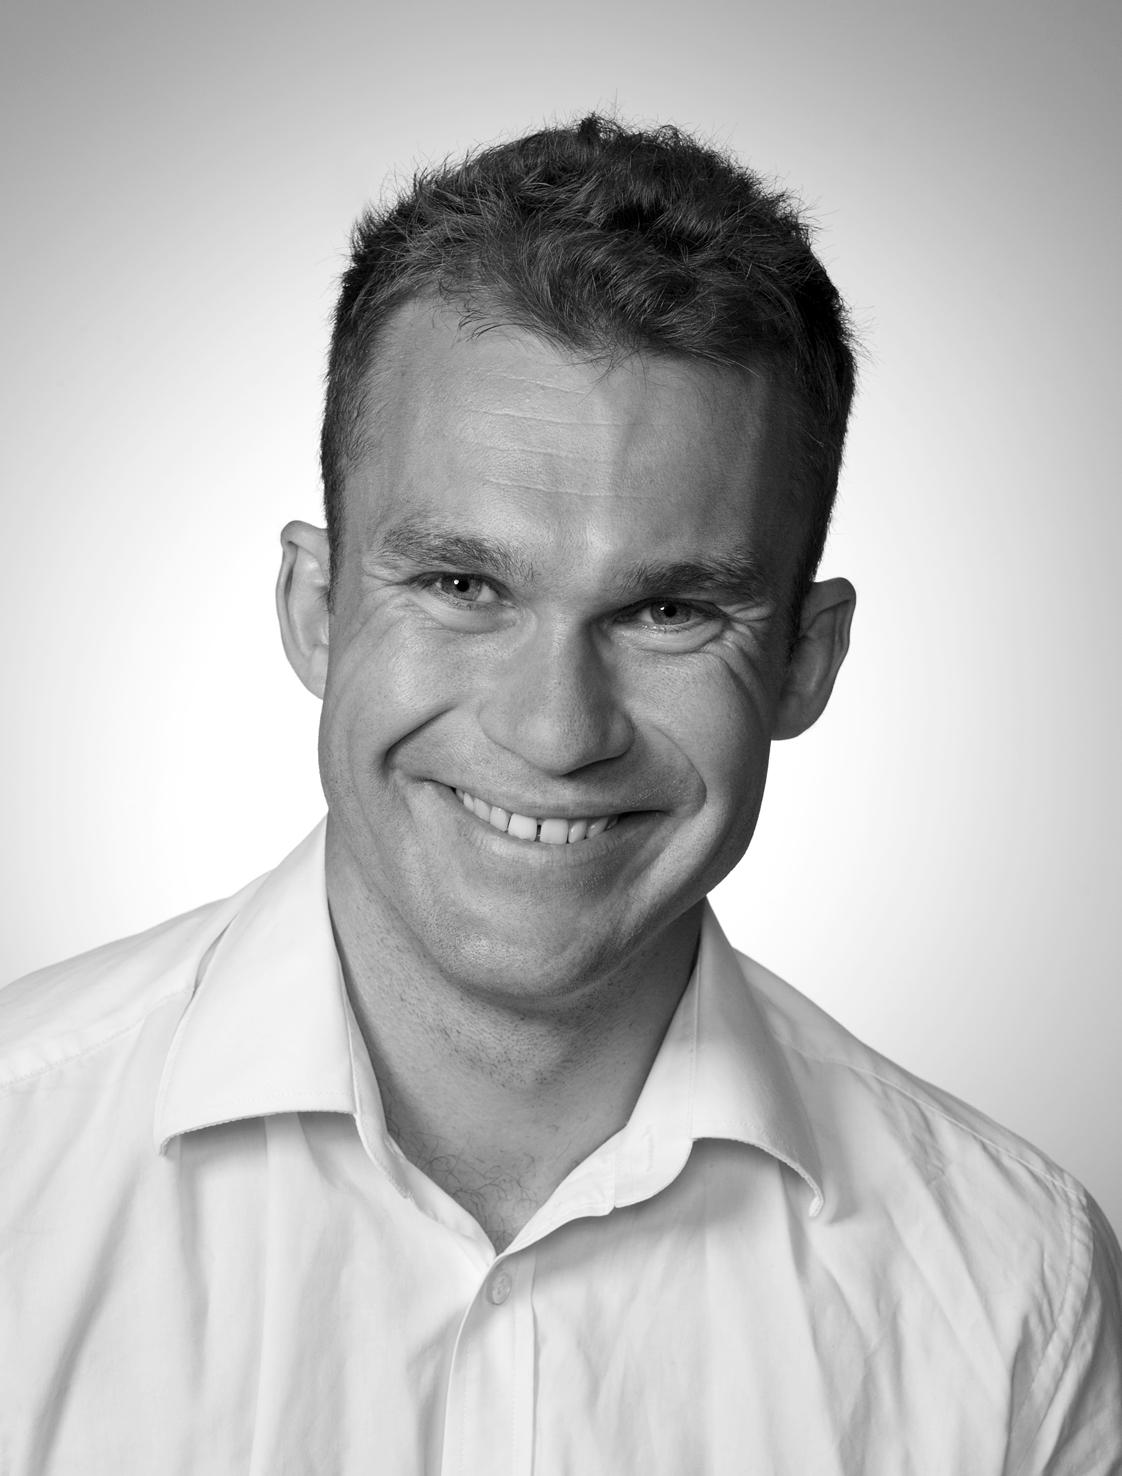 Robert er en af Danmarks førende eksperter i hurtiglæsning med over 100 afholdte kurser.